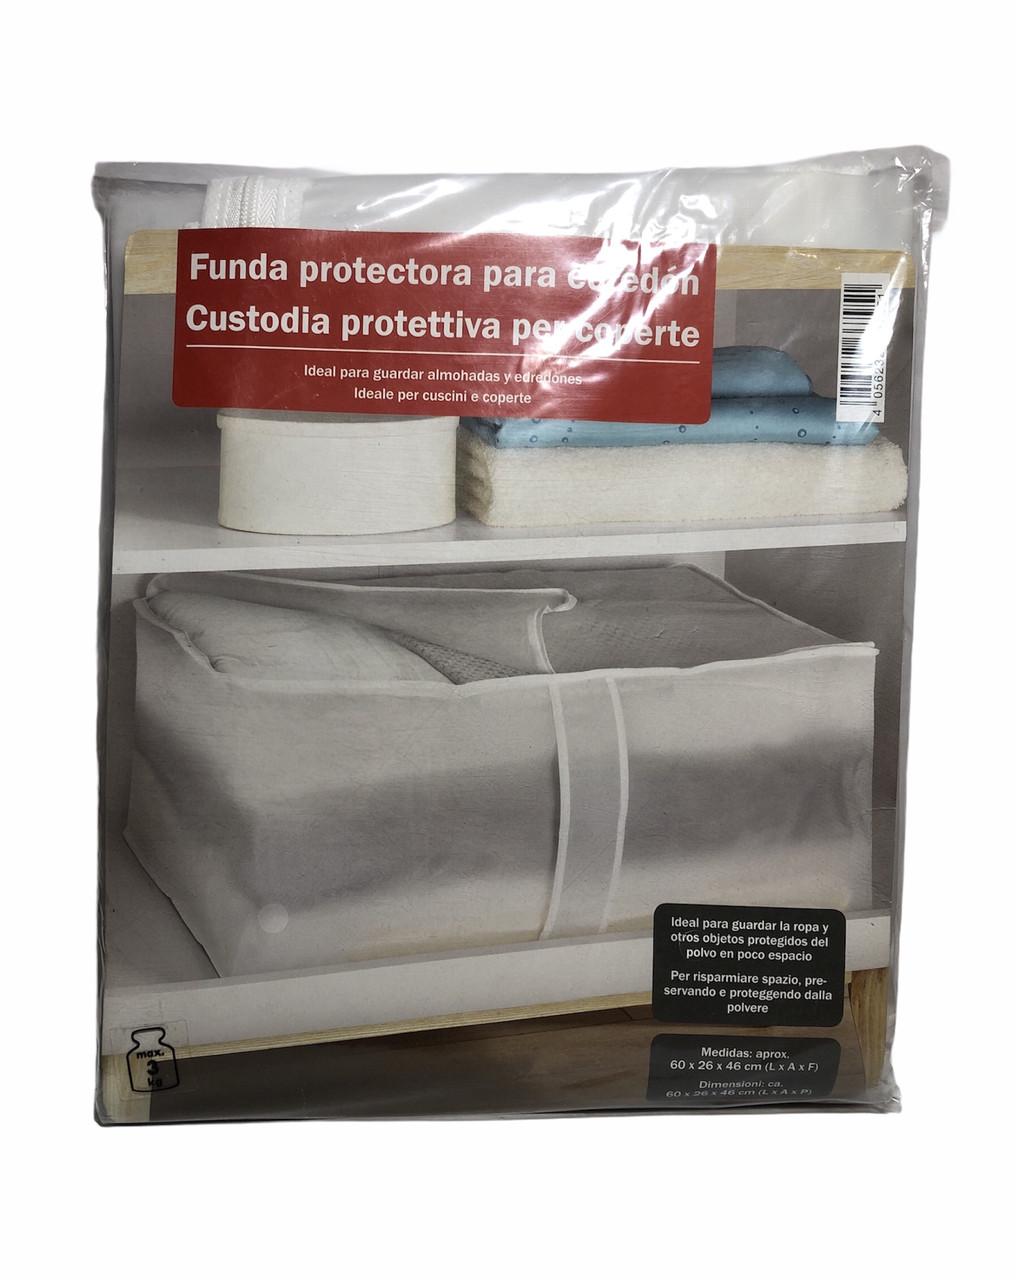 Захисний чохол для ковдр, подушок та одягу VIVESS 60 x 26 x 46 см